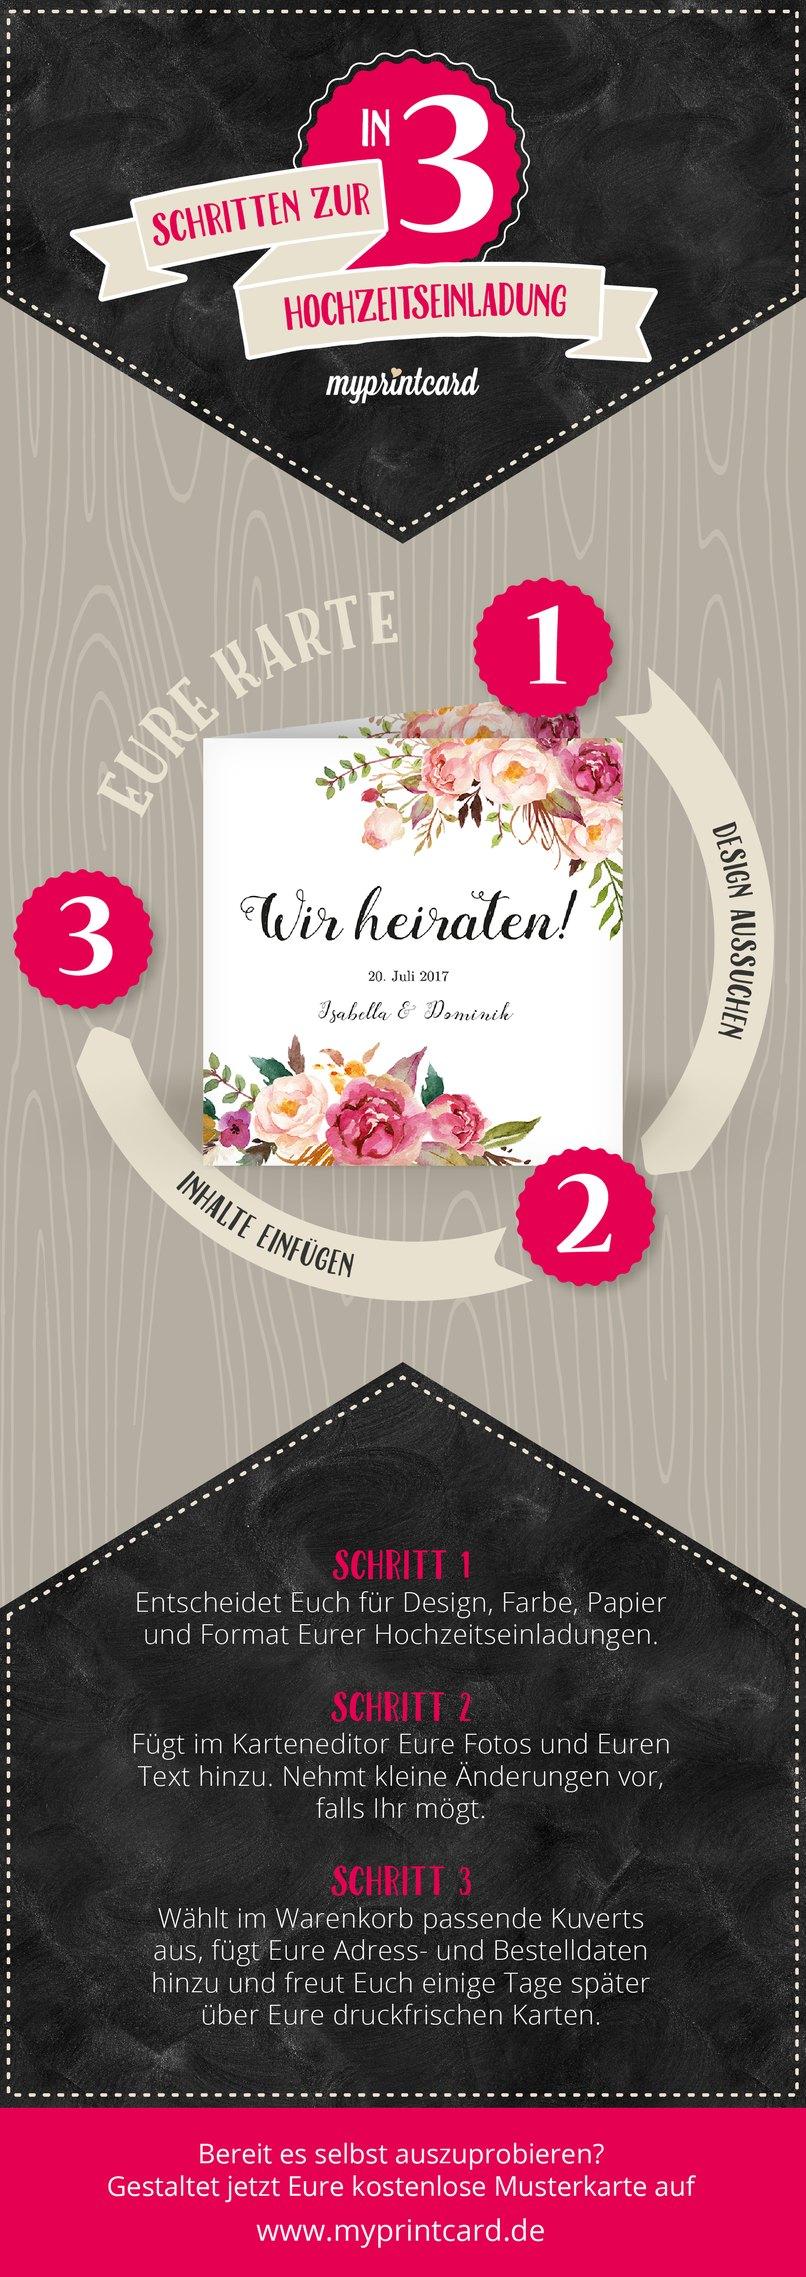 Infografik Einladungskarten für die Hochzeit bestellen.